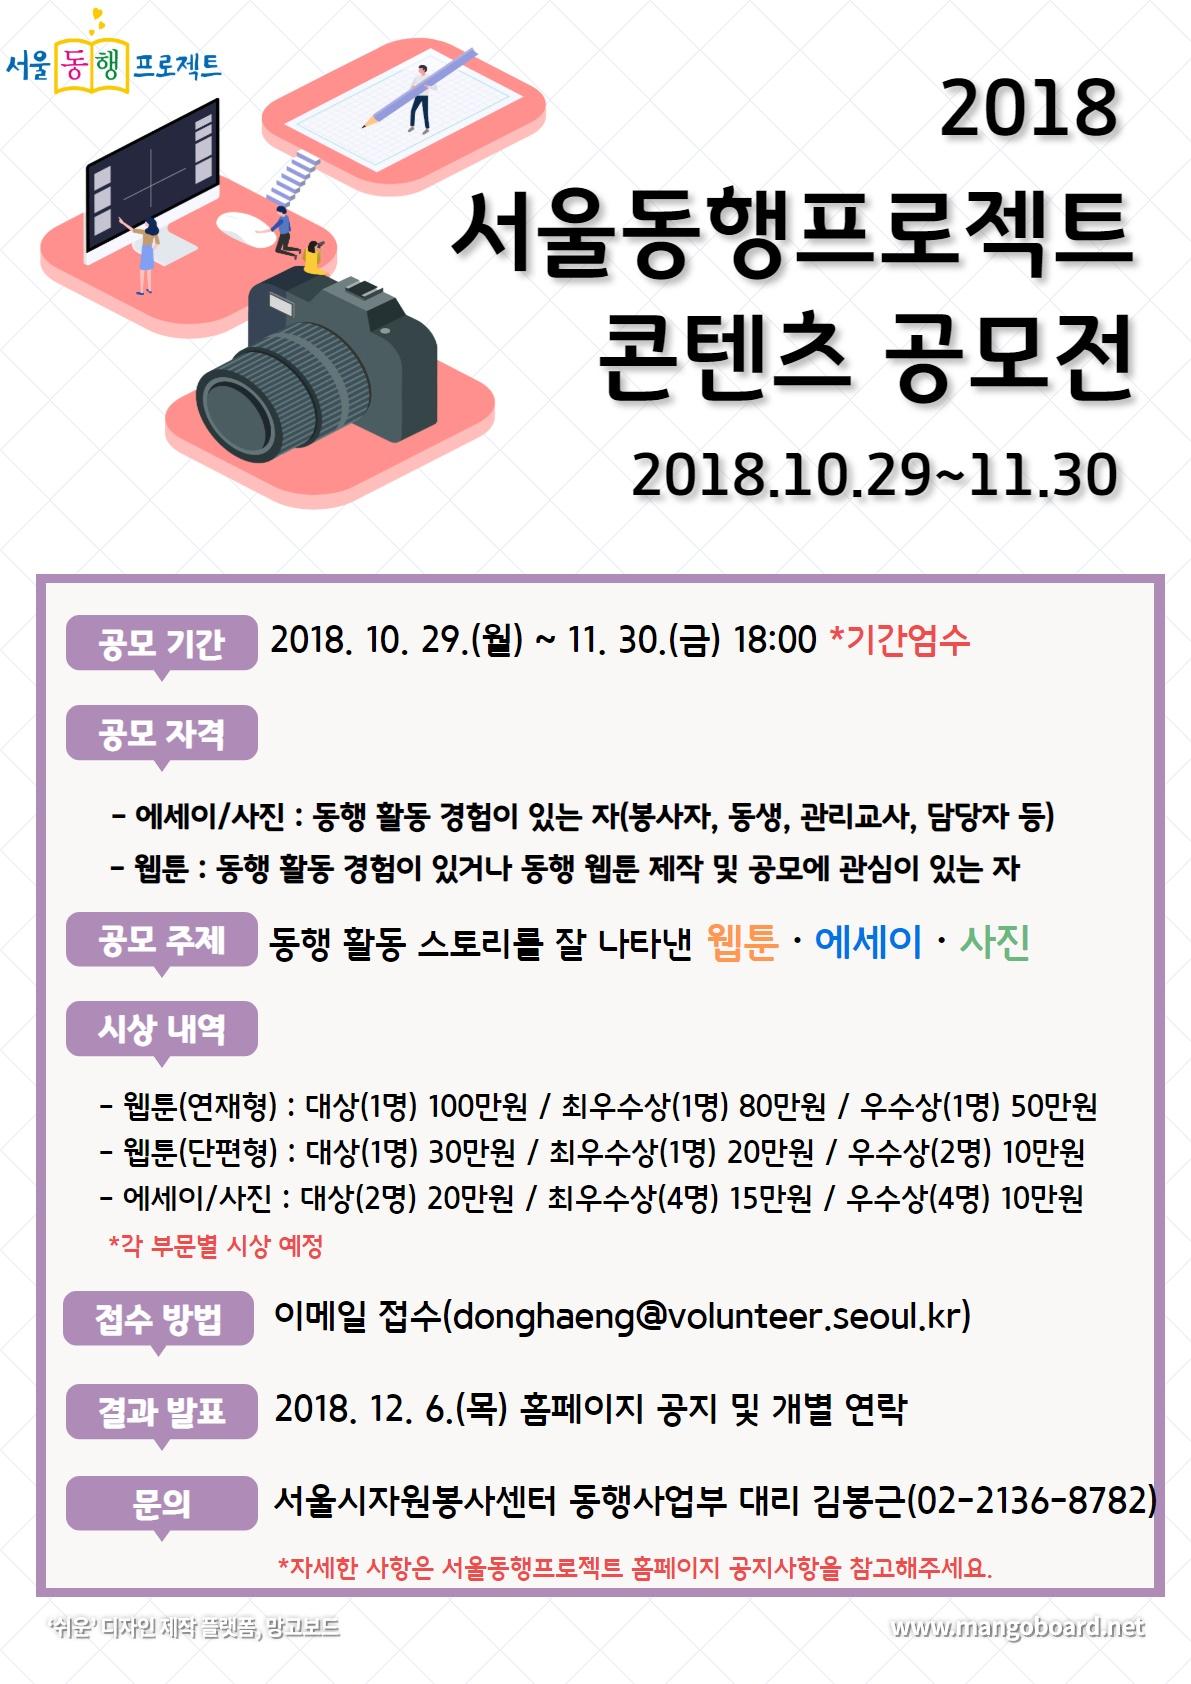 2018년 서울동행프로젝트 콘텐츠(웹툰, 에세이, 사진) 공모전